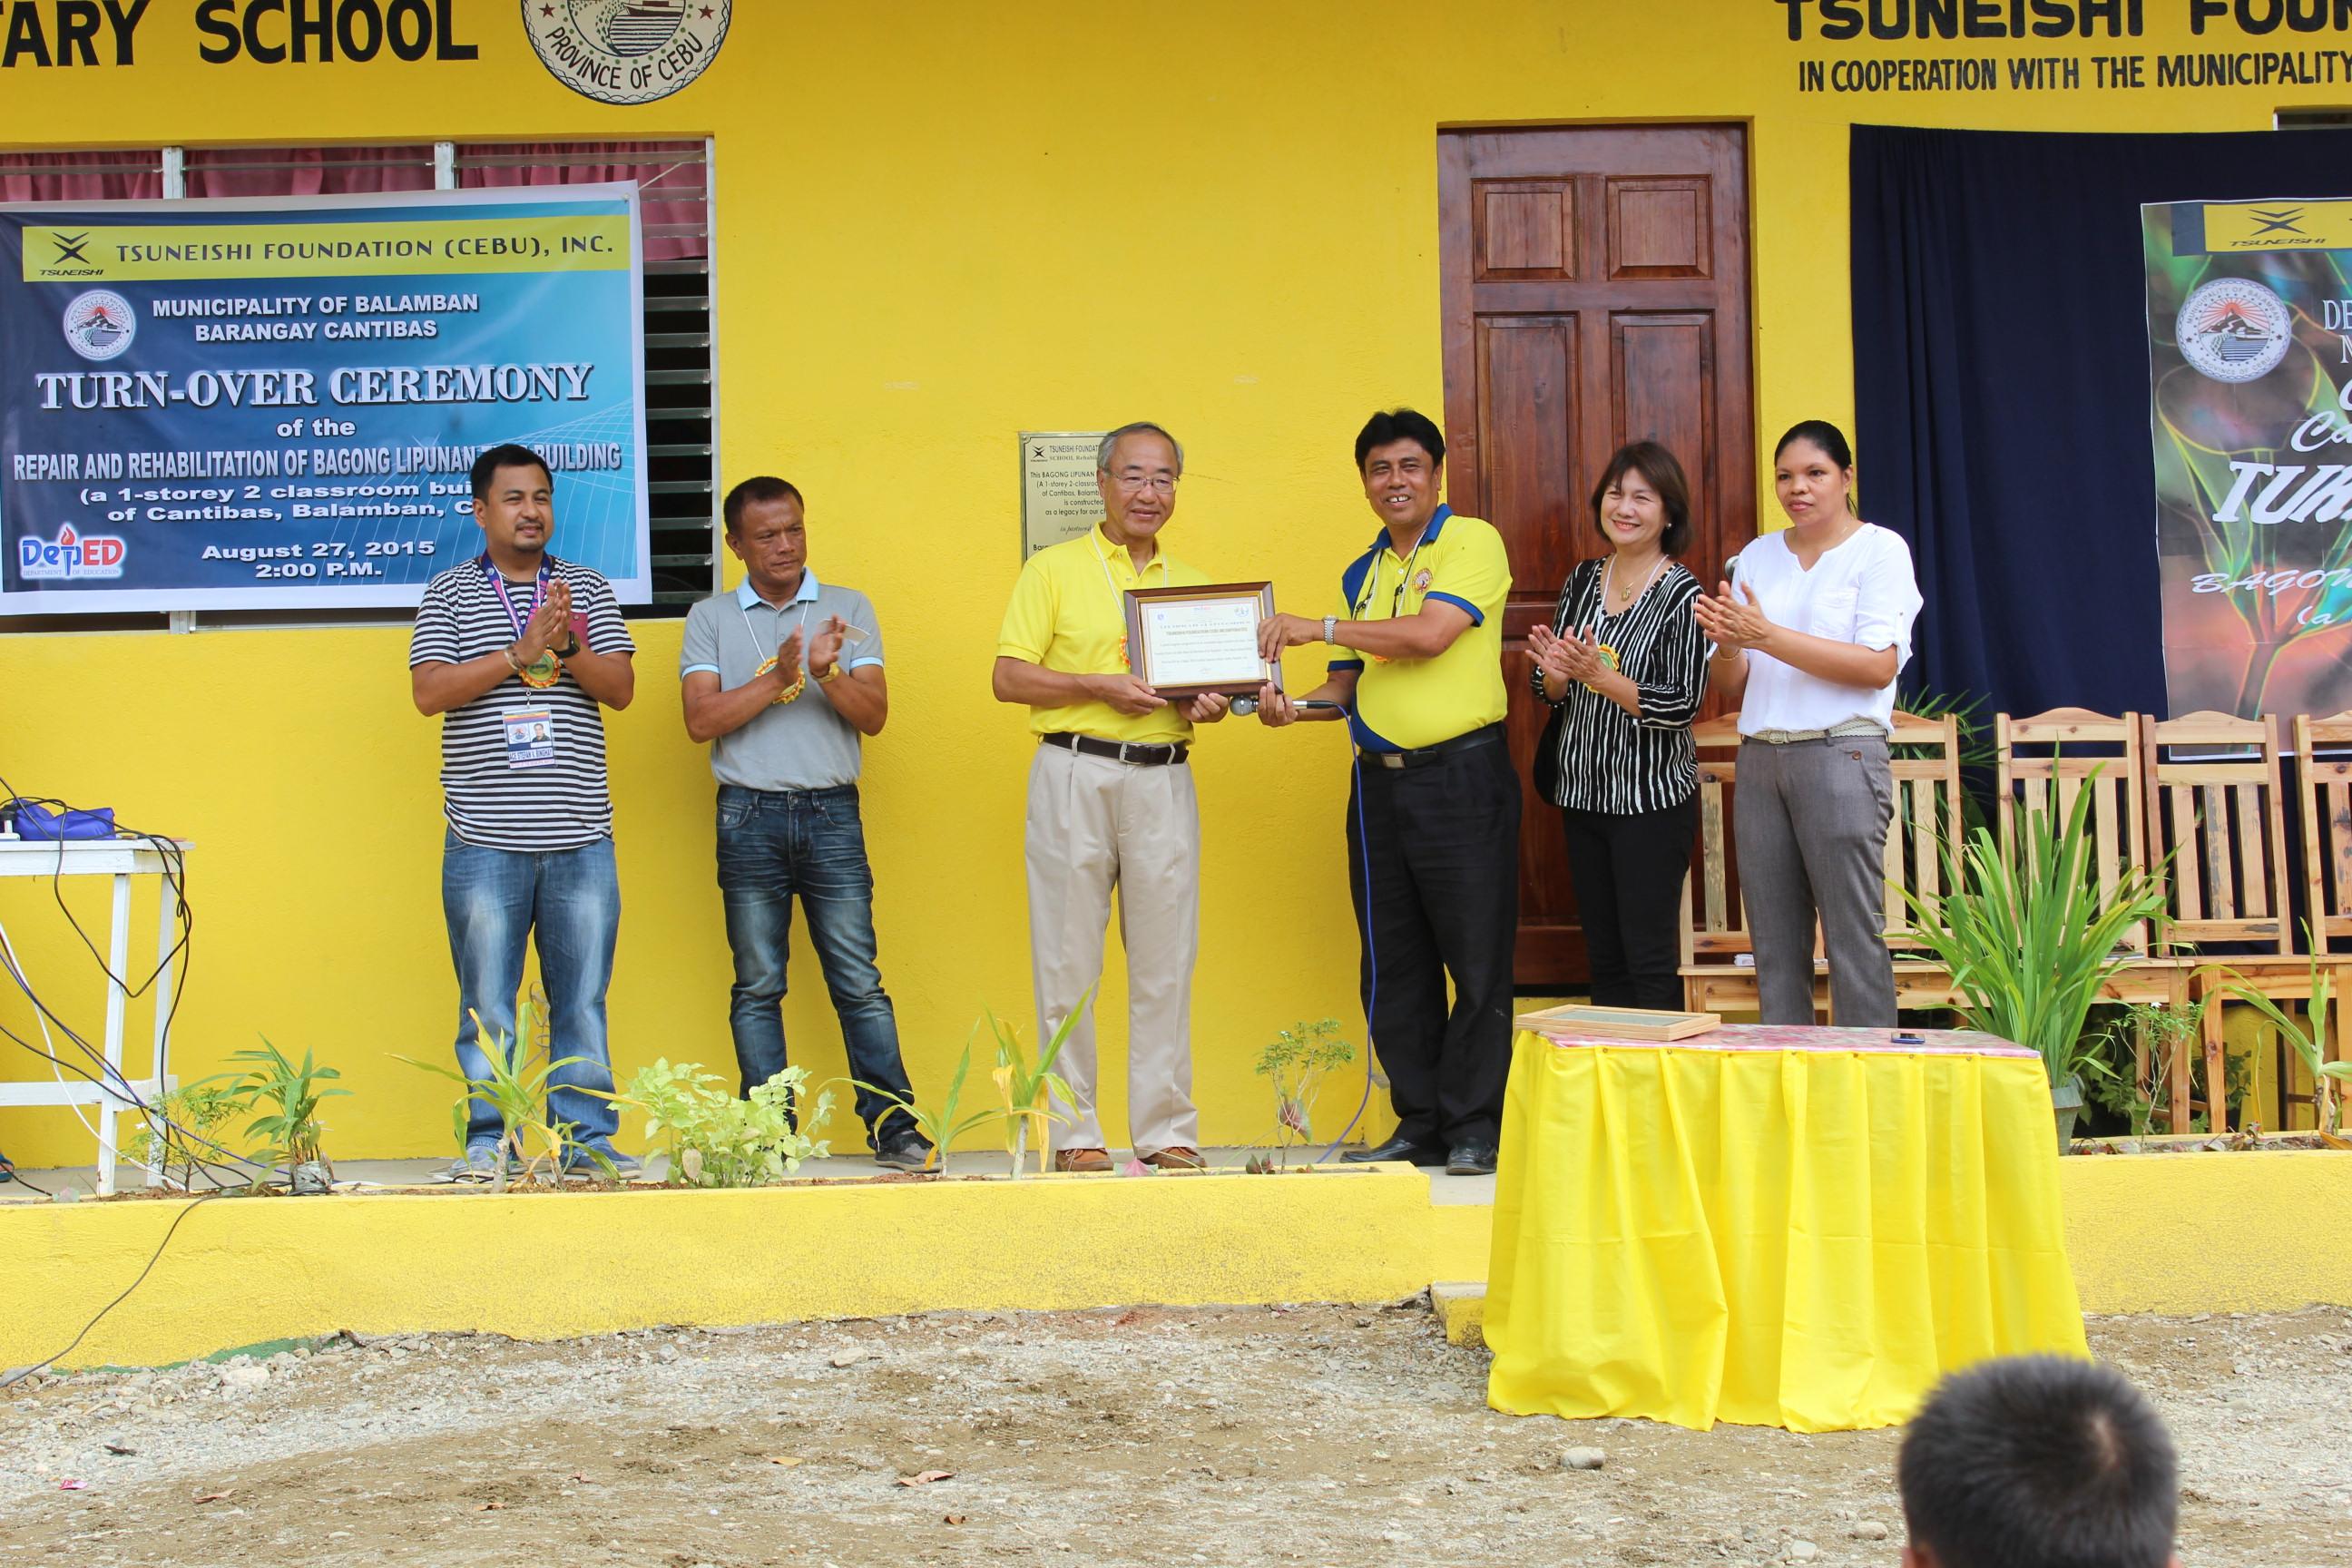 常石宿务财团出资支援菲律宾的小学校校舍和当地医疗设施的修建